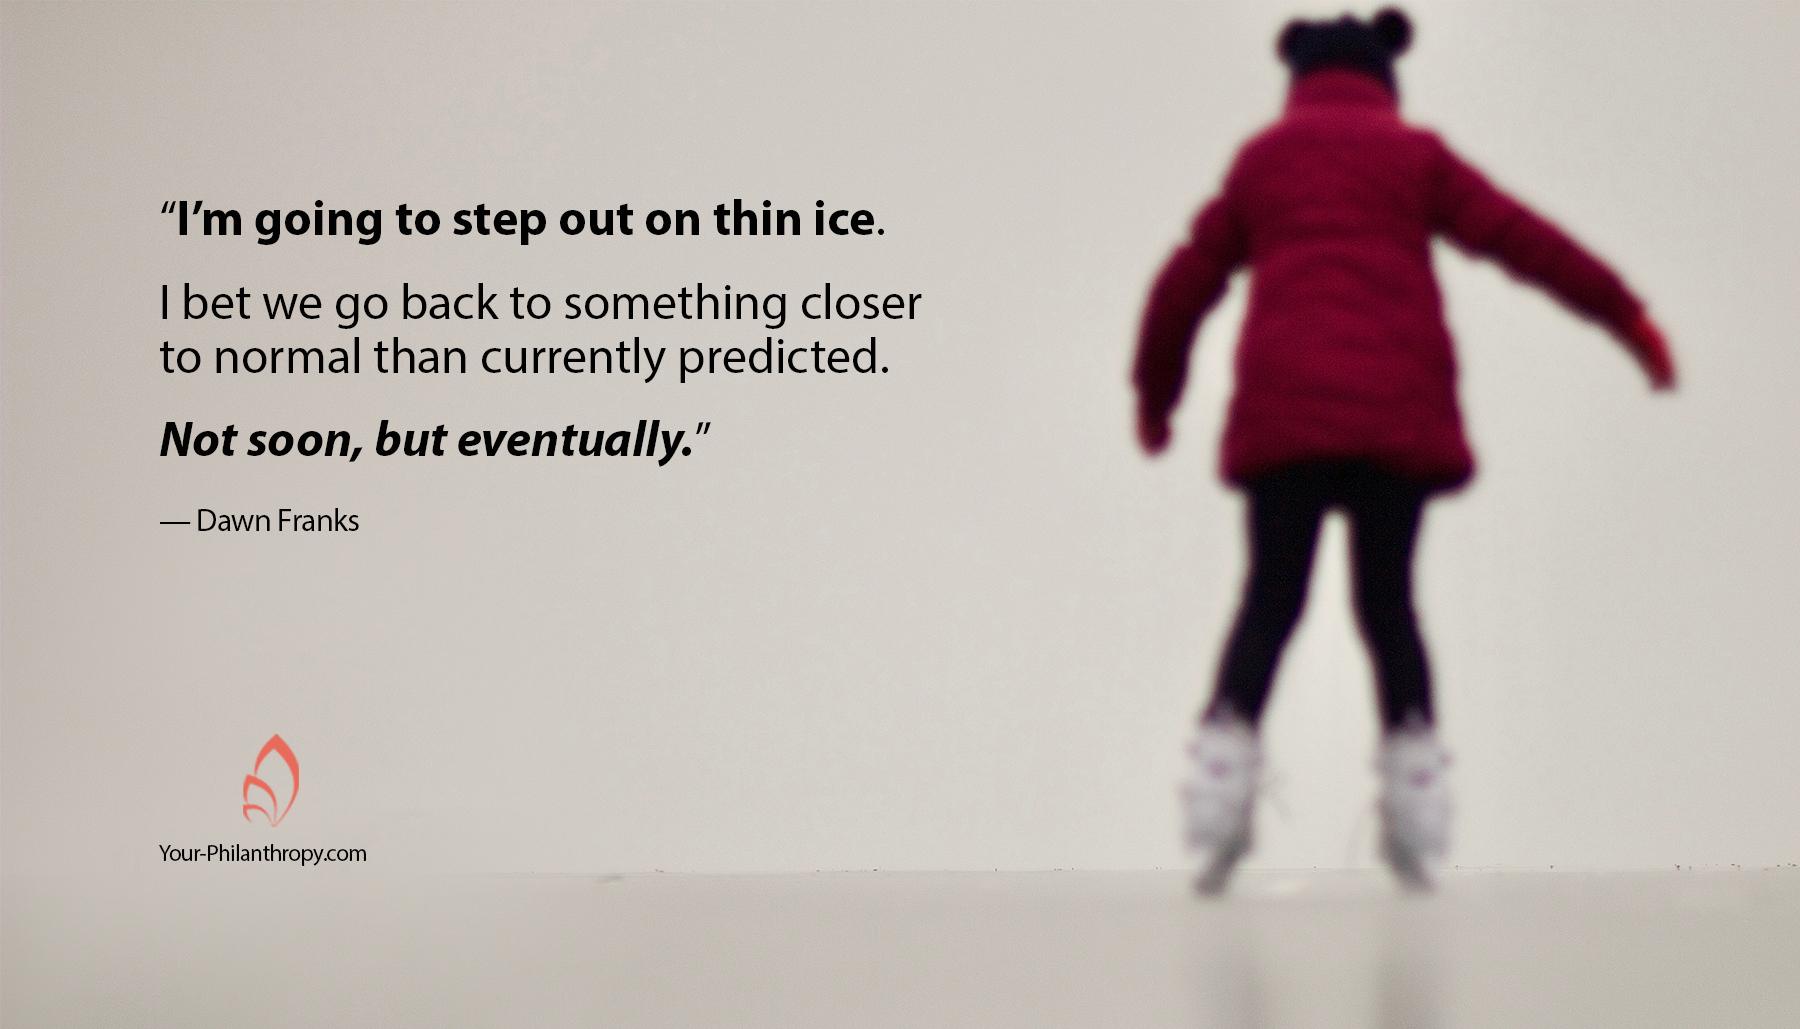 Nonprofits on thin ice